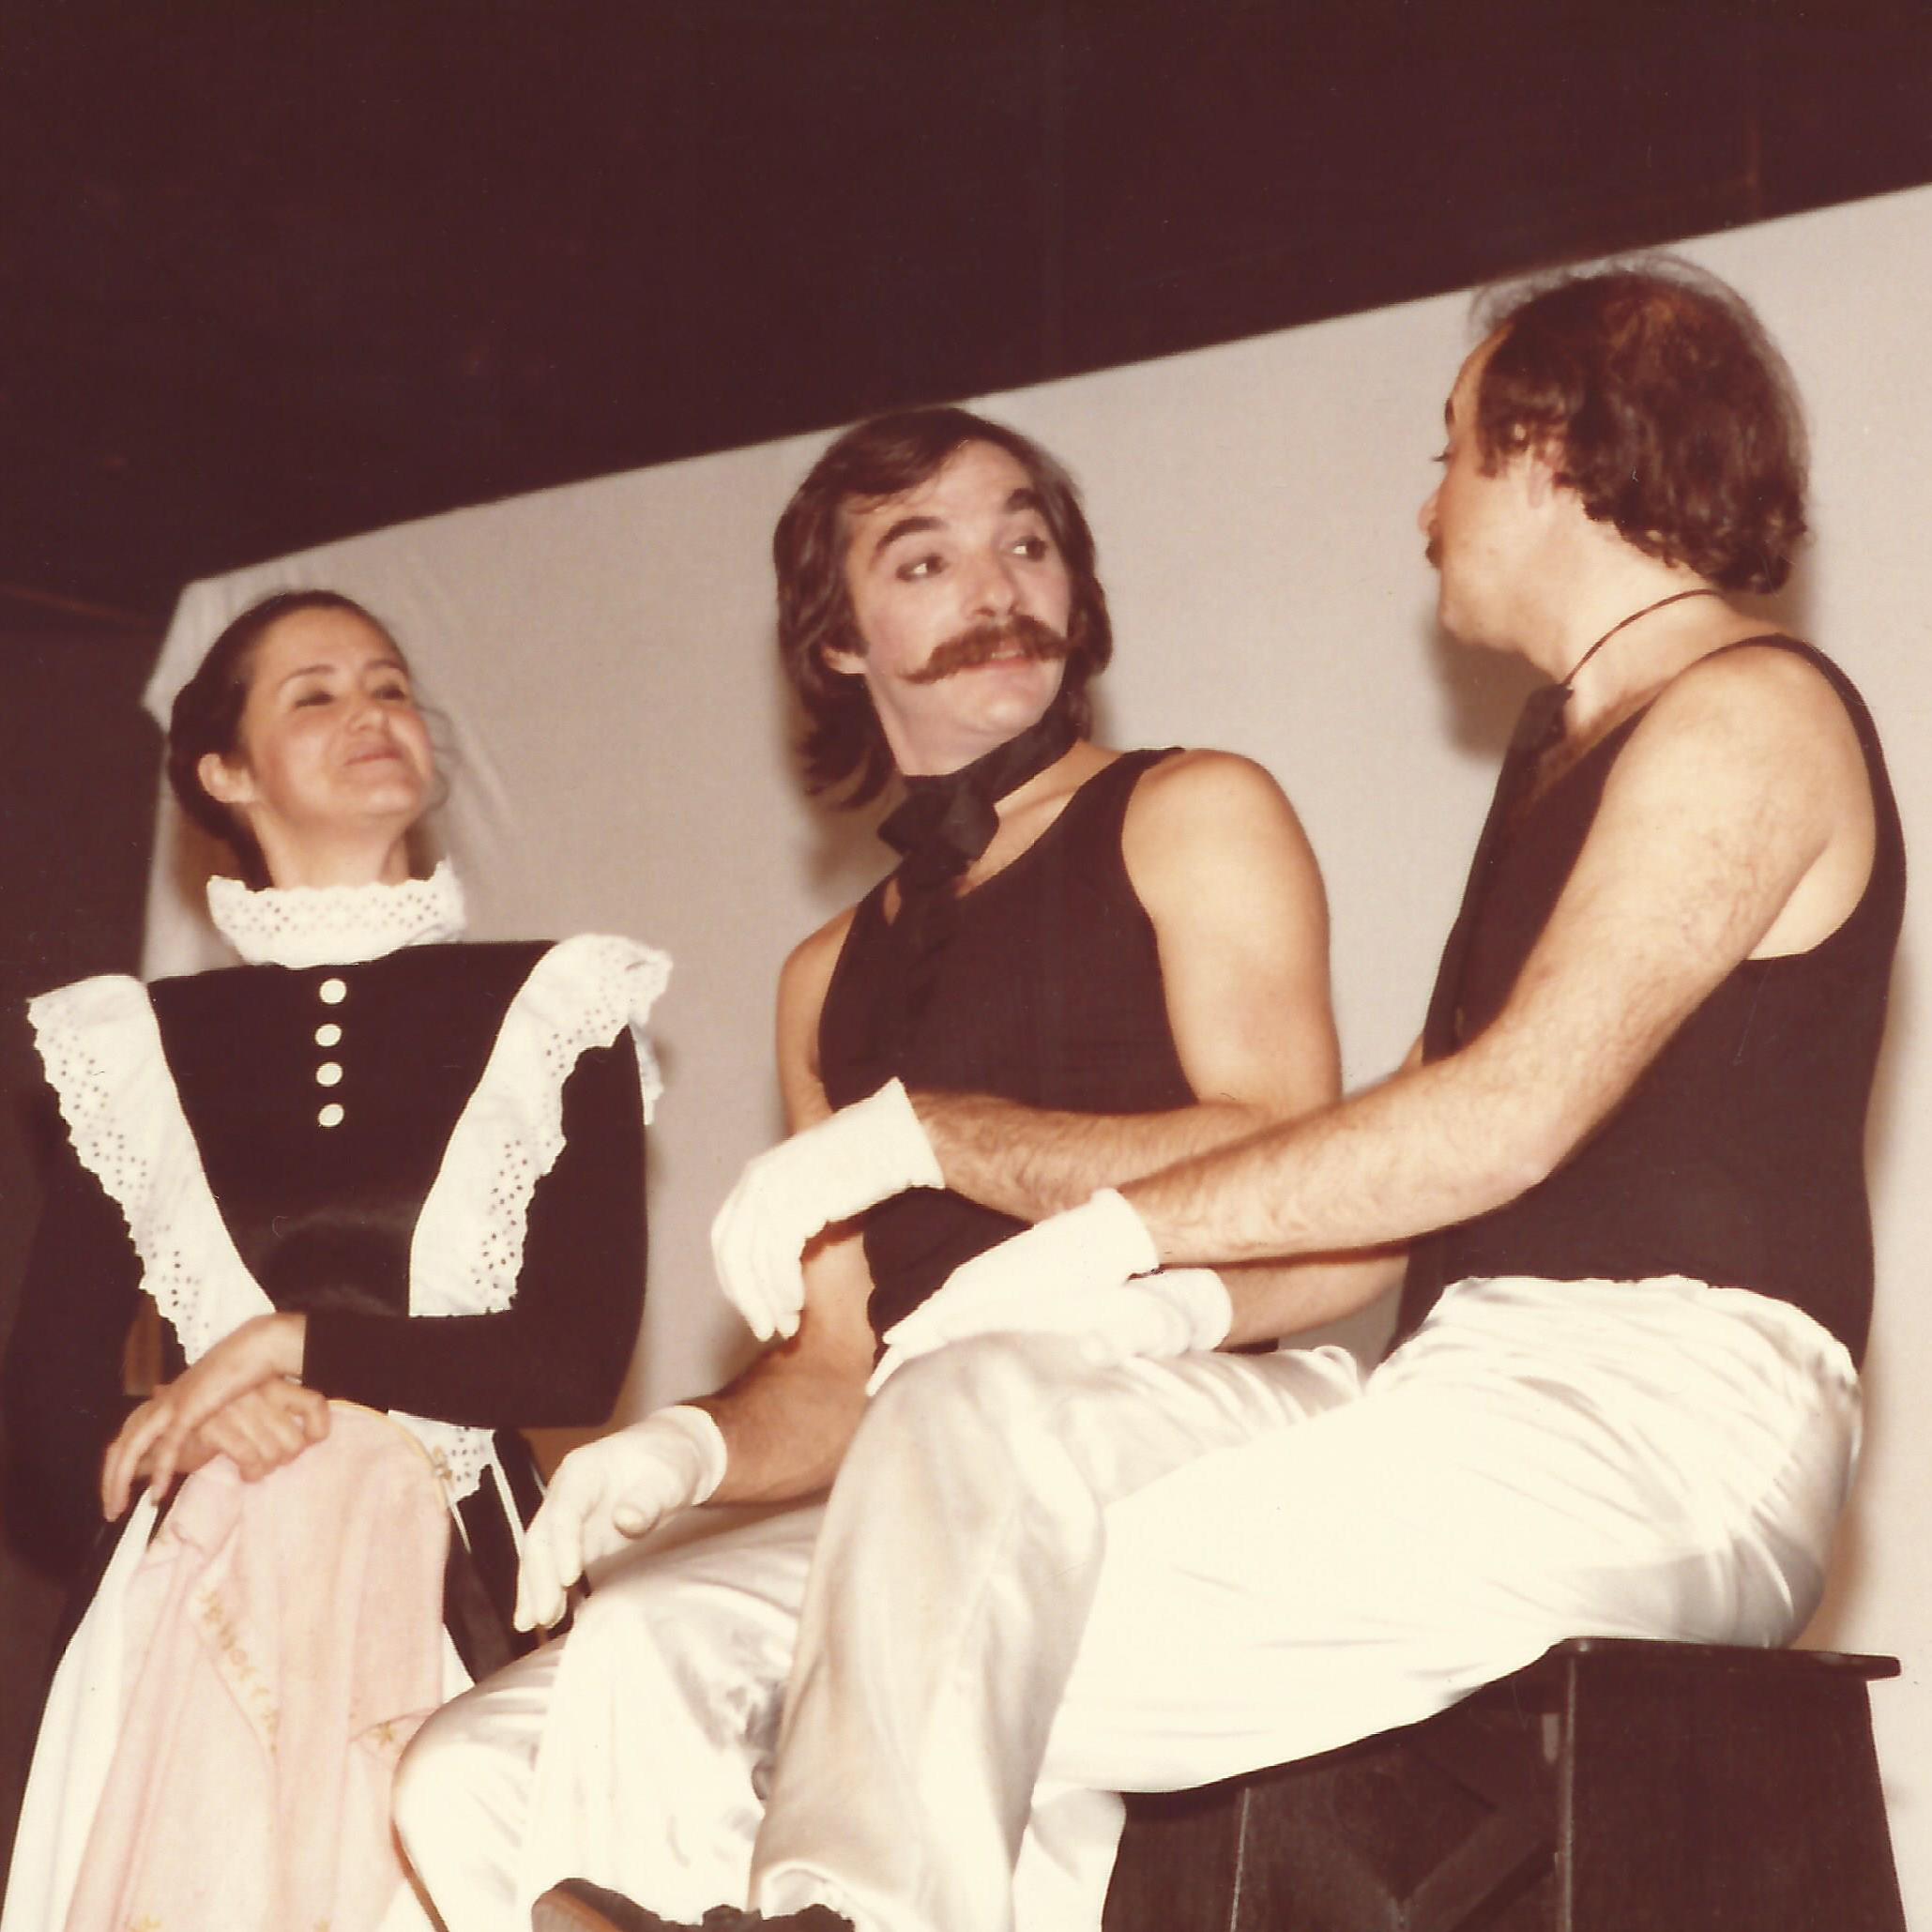 1981_La_comédie,_mirroir_de_la_vie_1CropCleanSq